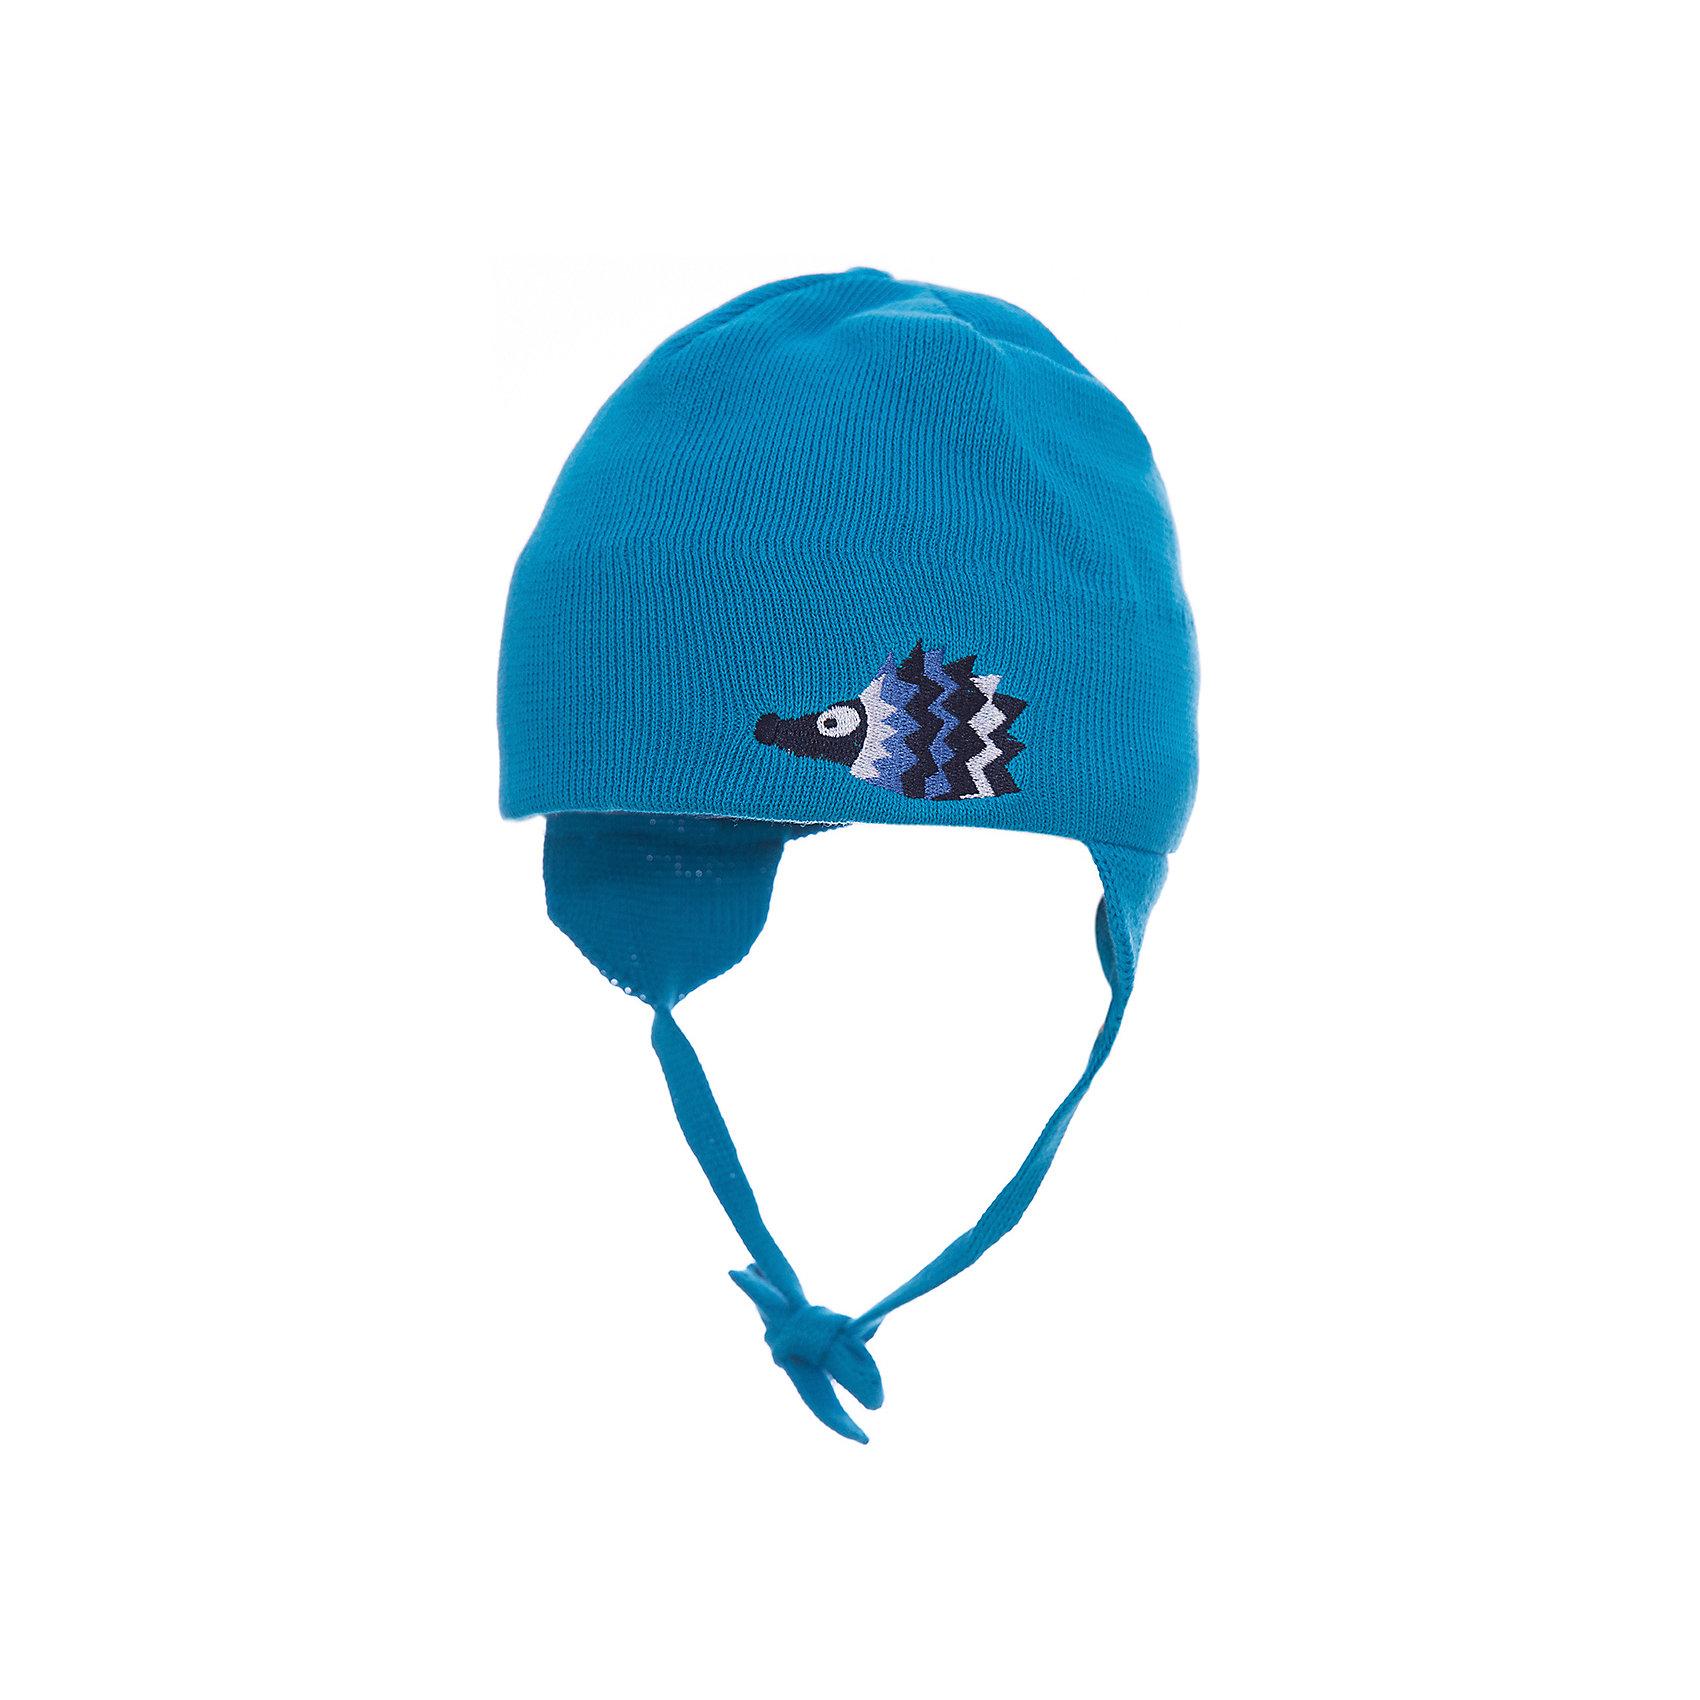 Шапка для мальчика HuppaШапочки<br>Хлопчатобумажная демисезонная шапка на завязках.<br><br>Дополнительная информация:<br><br>Демисезонная модель<br>Состав:100% хлопок<br><br>Шапку для мальчика Huppa можно купить в нашем магазине.<br><br>Ширина мм: 89<br>Глубина мм: 117<br>Высота мм: 44<br>Вес г: 155<br>Цвет: голубой<br>Возраст от месяцев: 9<br>Возраст до месяцев: 12<br>Пол: Мужской<br>Возраст: Детский<br>Размер: 43-45,39-43,47-49,51-53<br>SKU: 4595805